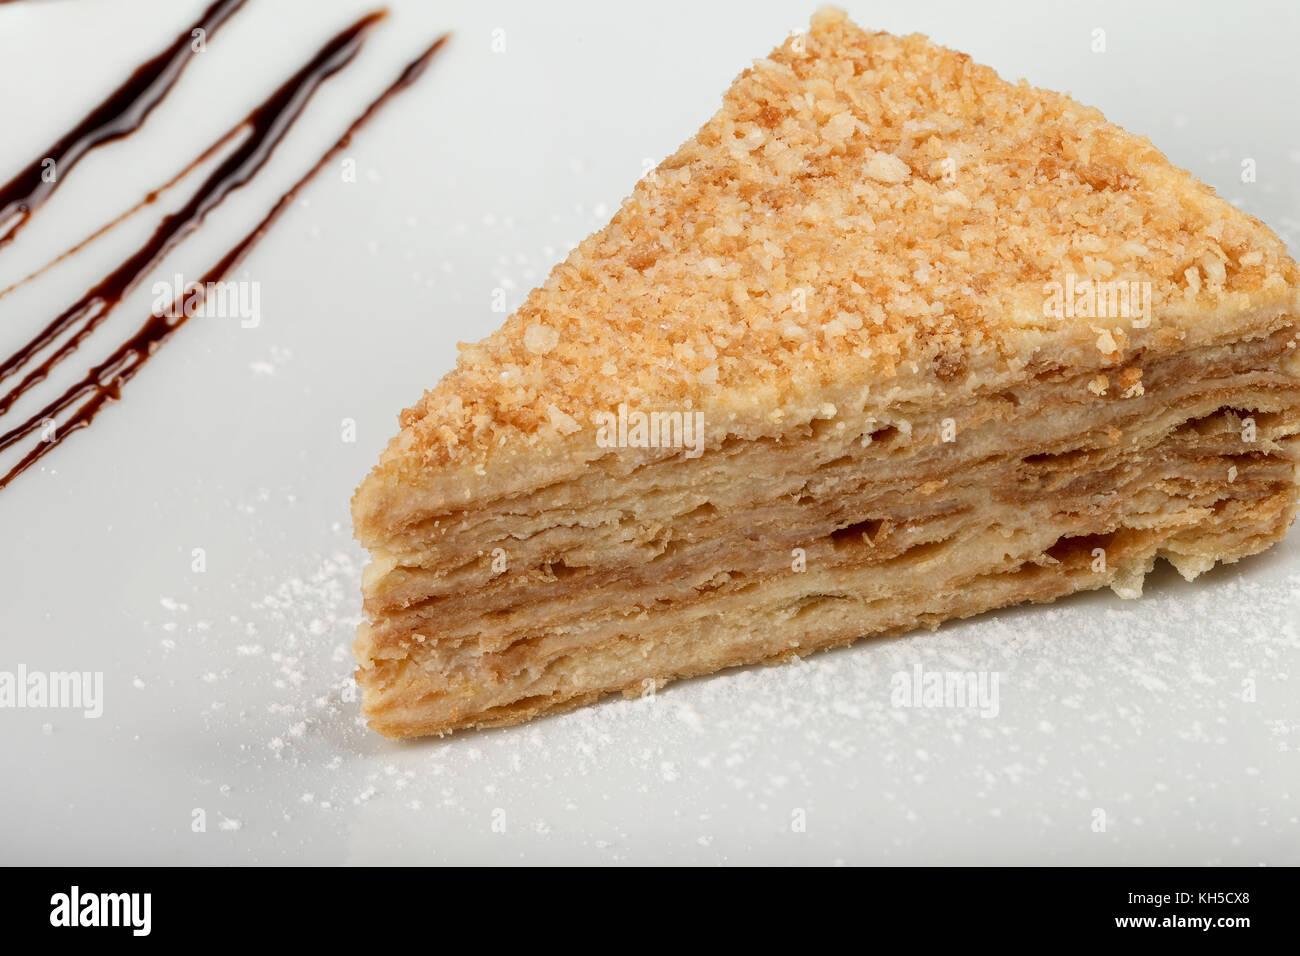 Ein Stuck Des Kuchens Napoleon Auf Eine Platte Klassische Napoleon